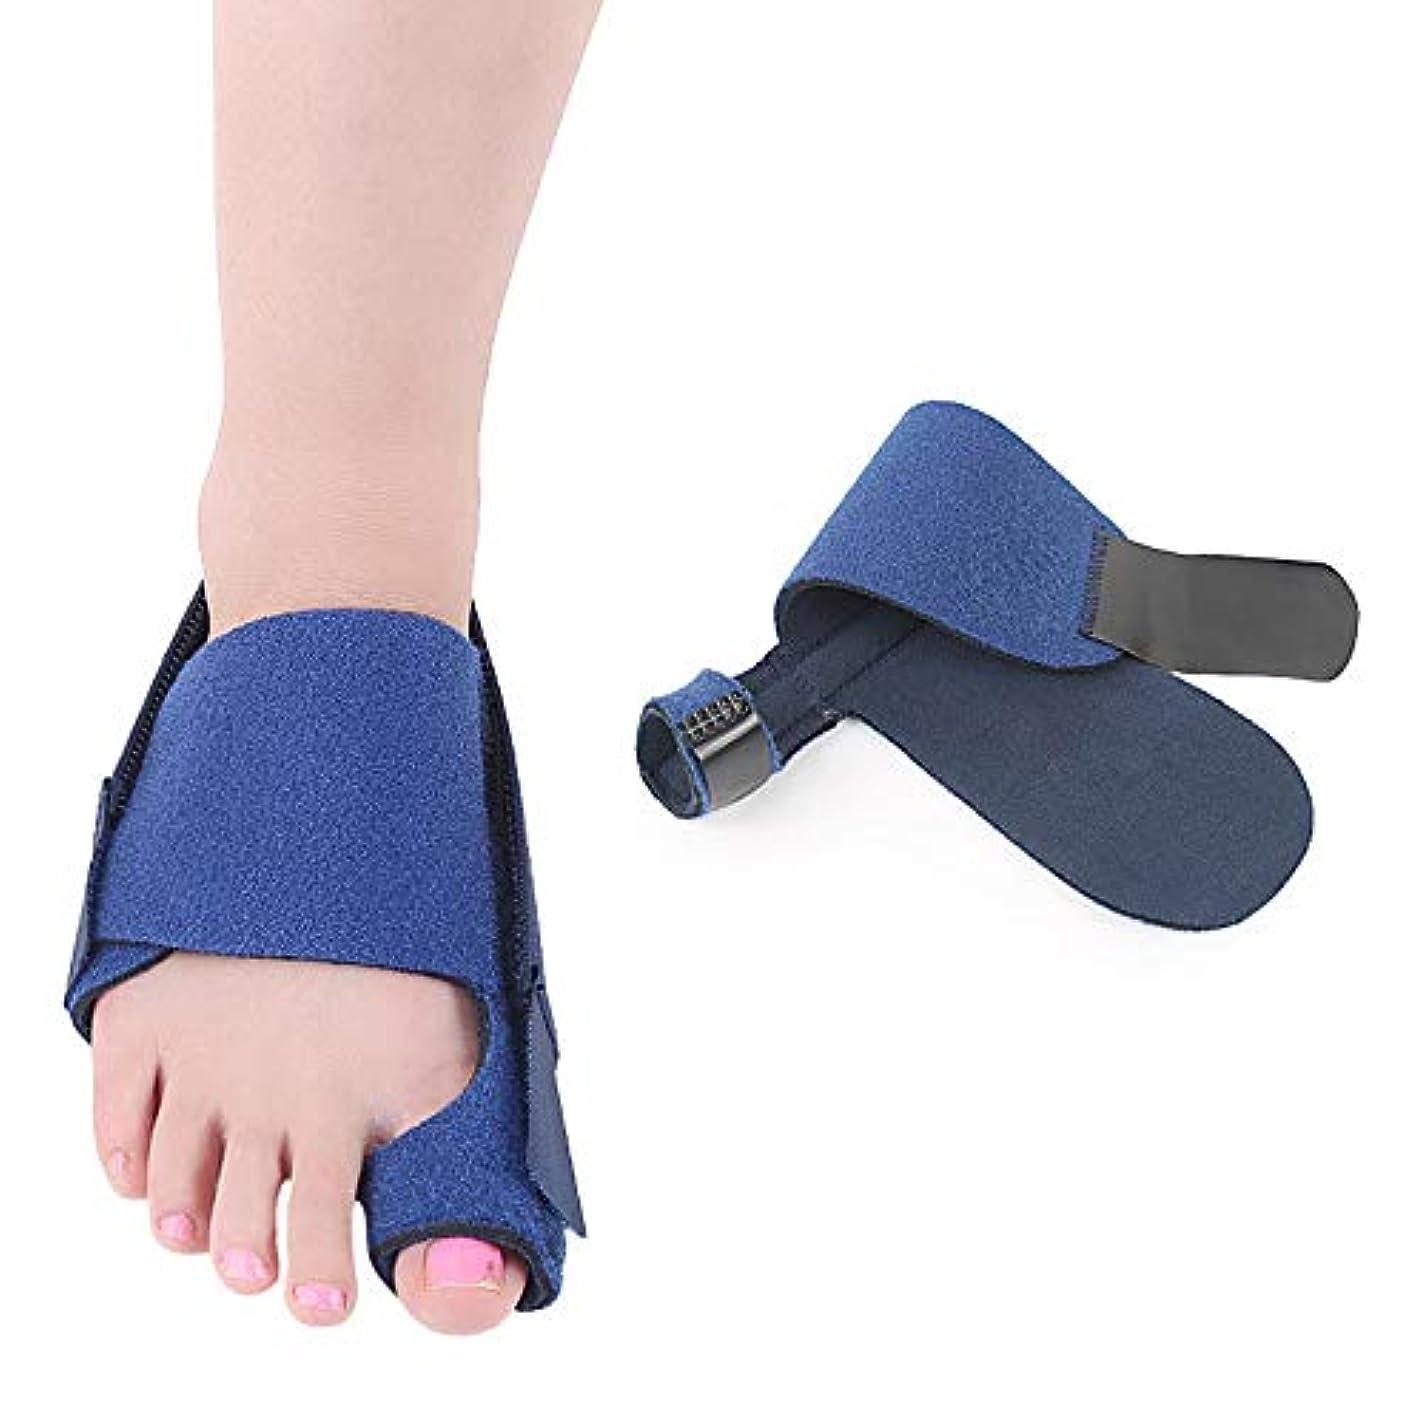 最高ビデオ草外反母趾足指セパレーターは足指重複嚢胞通気性吸収汗ワンサイズを防止し、ヨガ後の痛みと変形を軽減,RightFoot